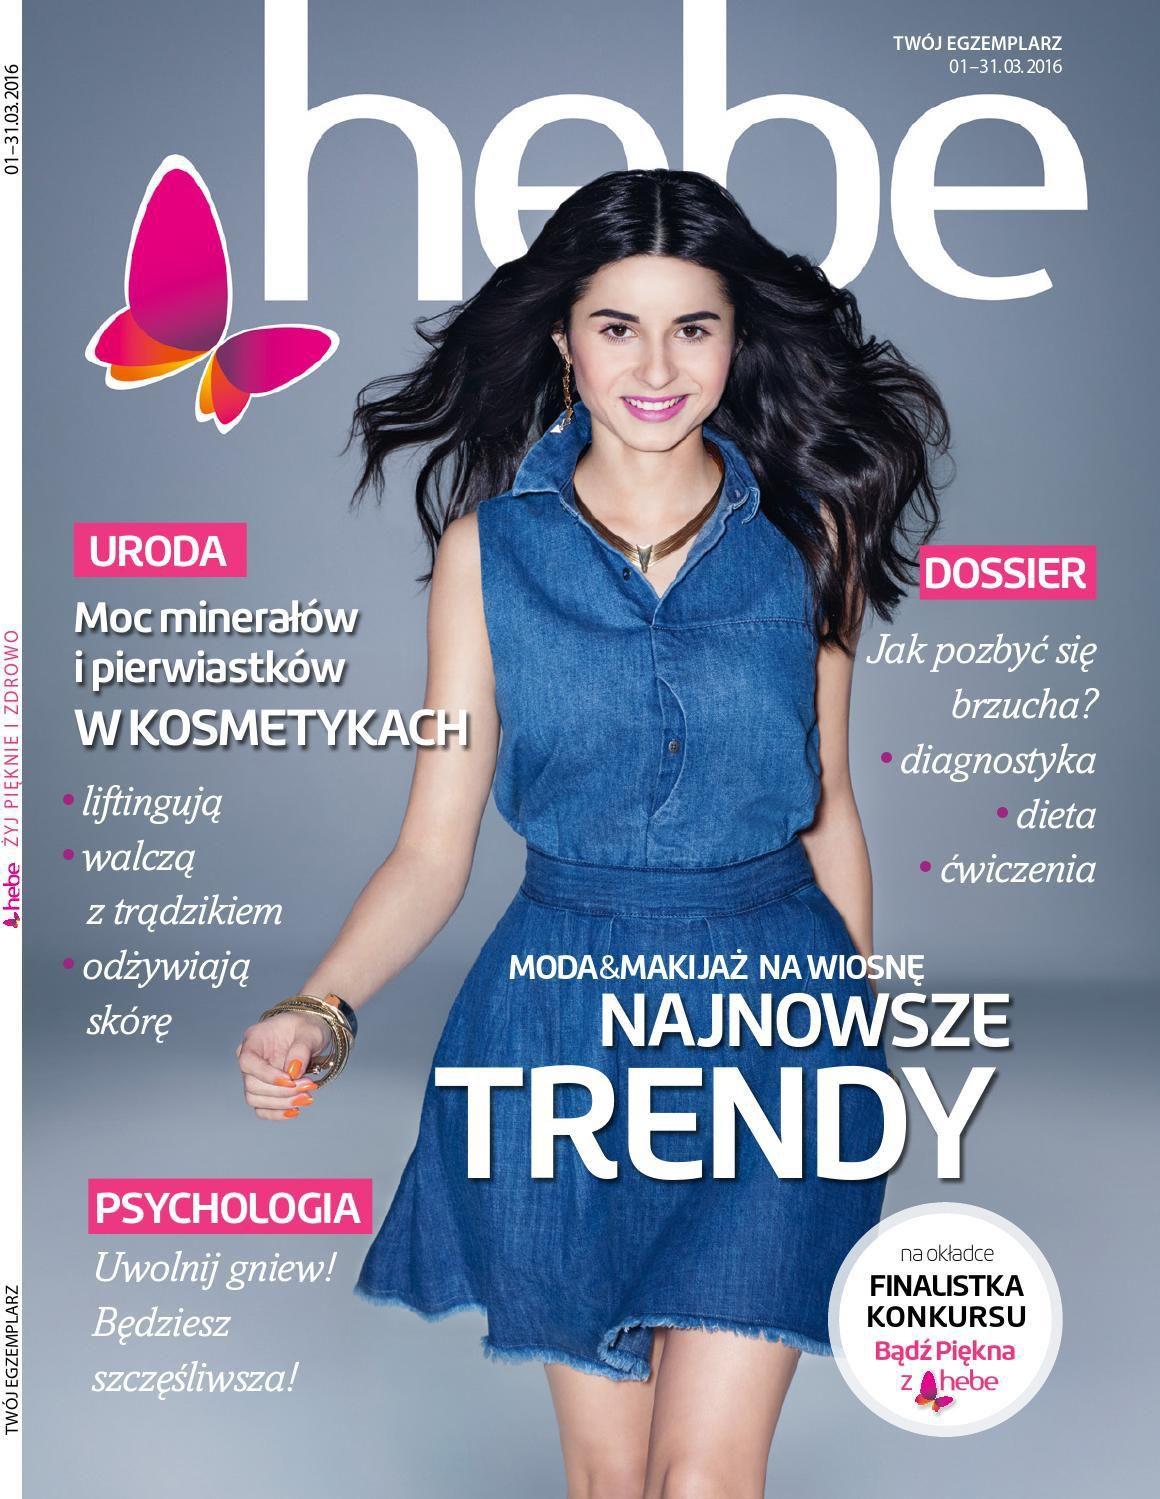 Gazetka promocyjna Hebe do 31/03/2016 str.0